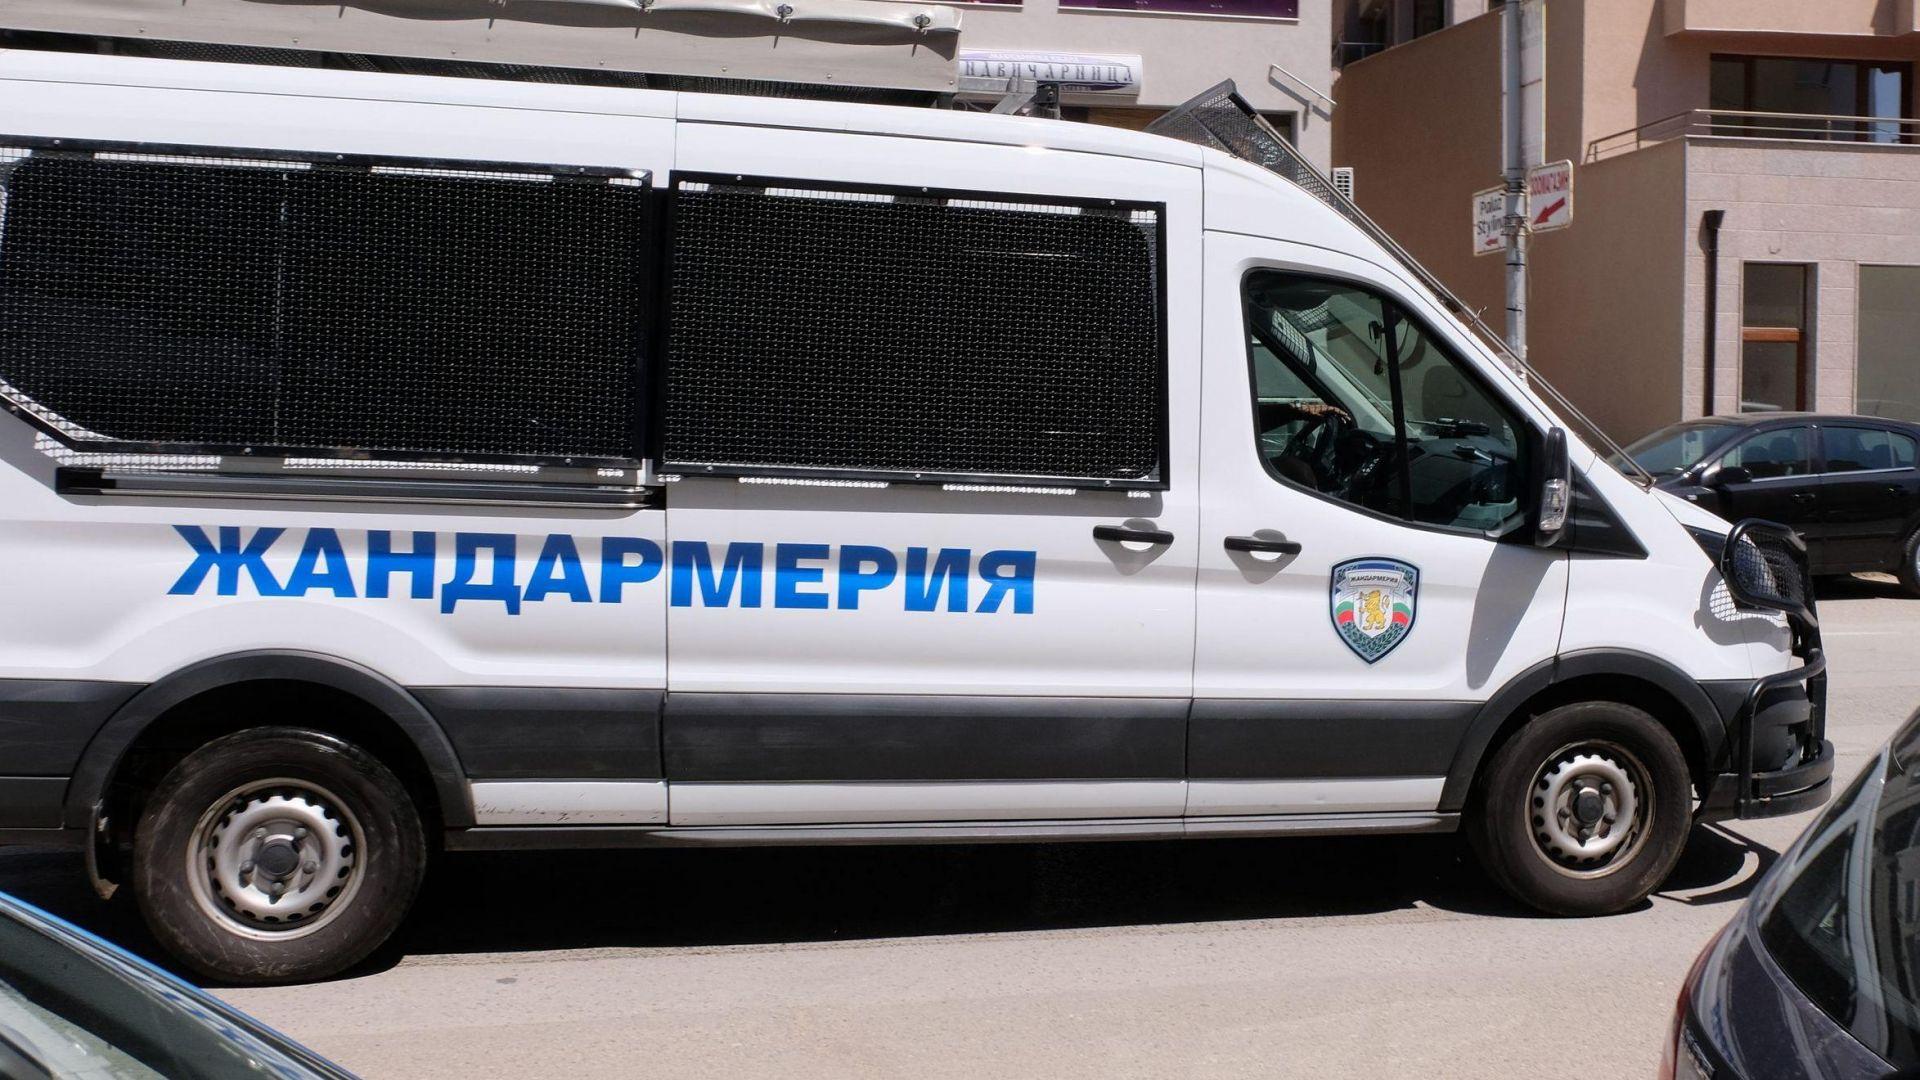 Мащабна полицейска операция в столицата срещу лихвари, издирват лица по снимка